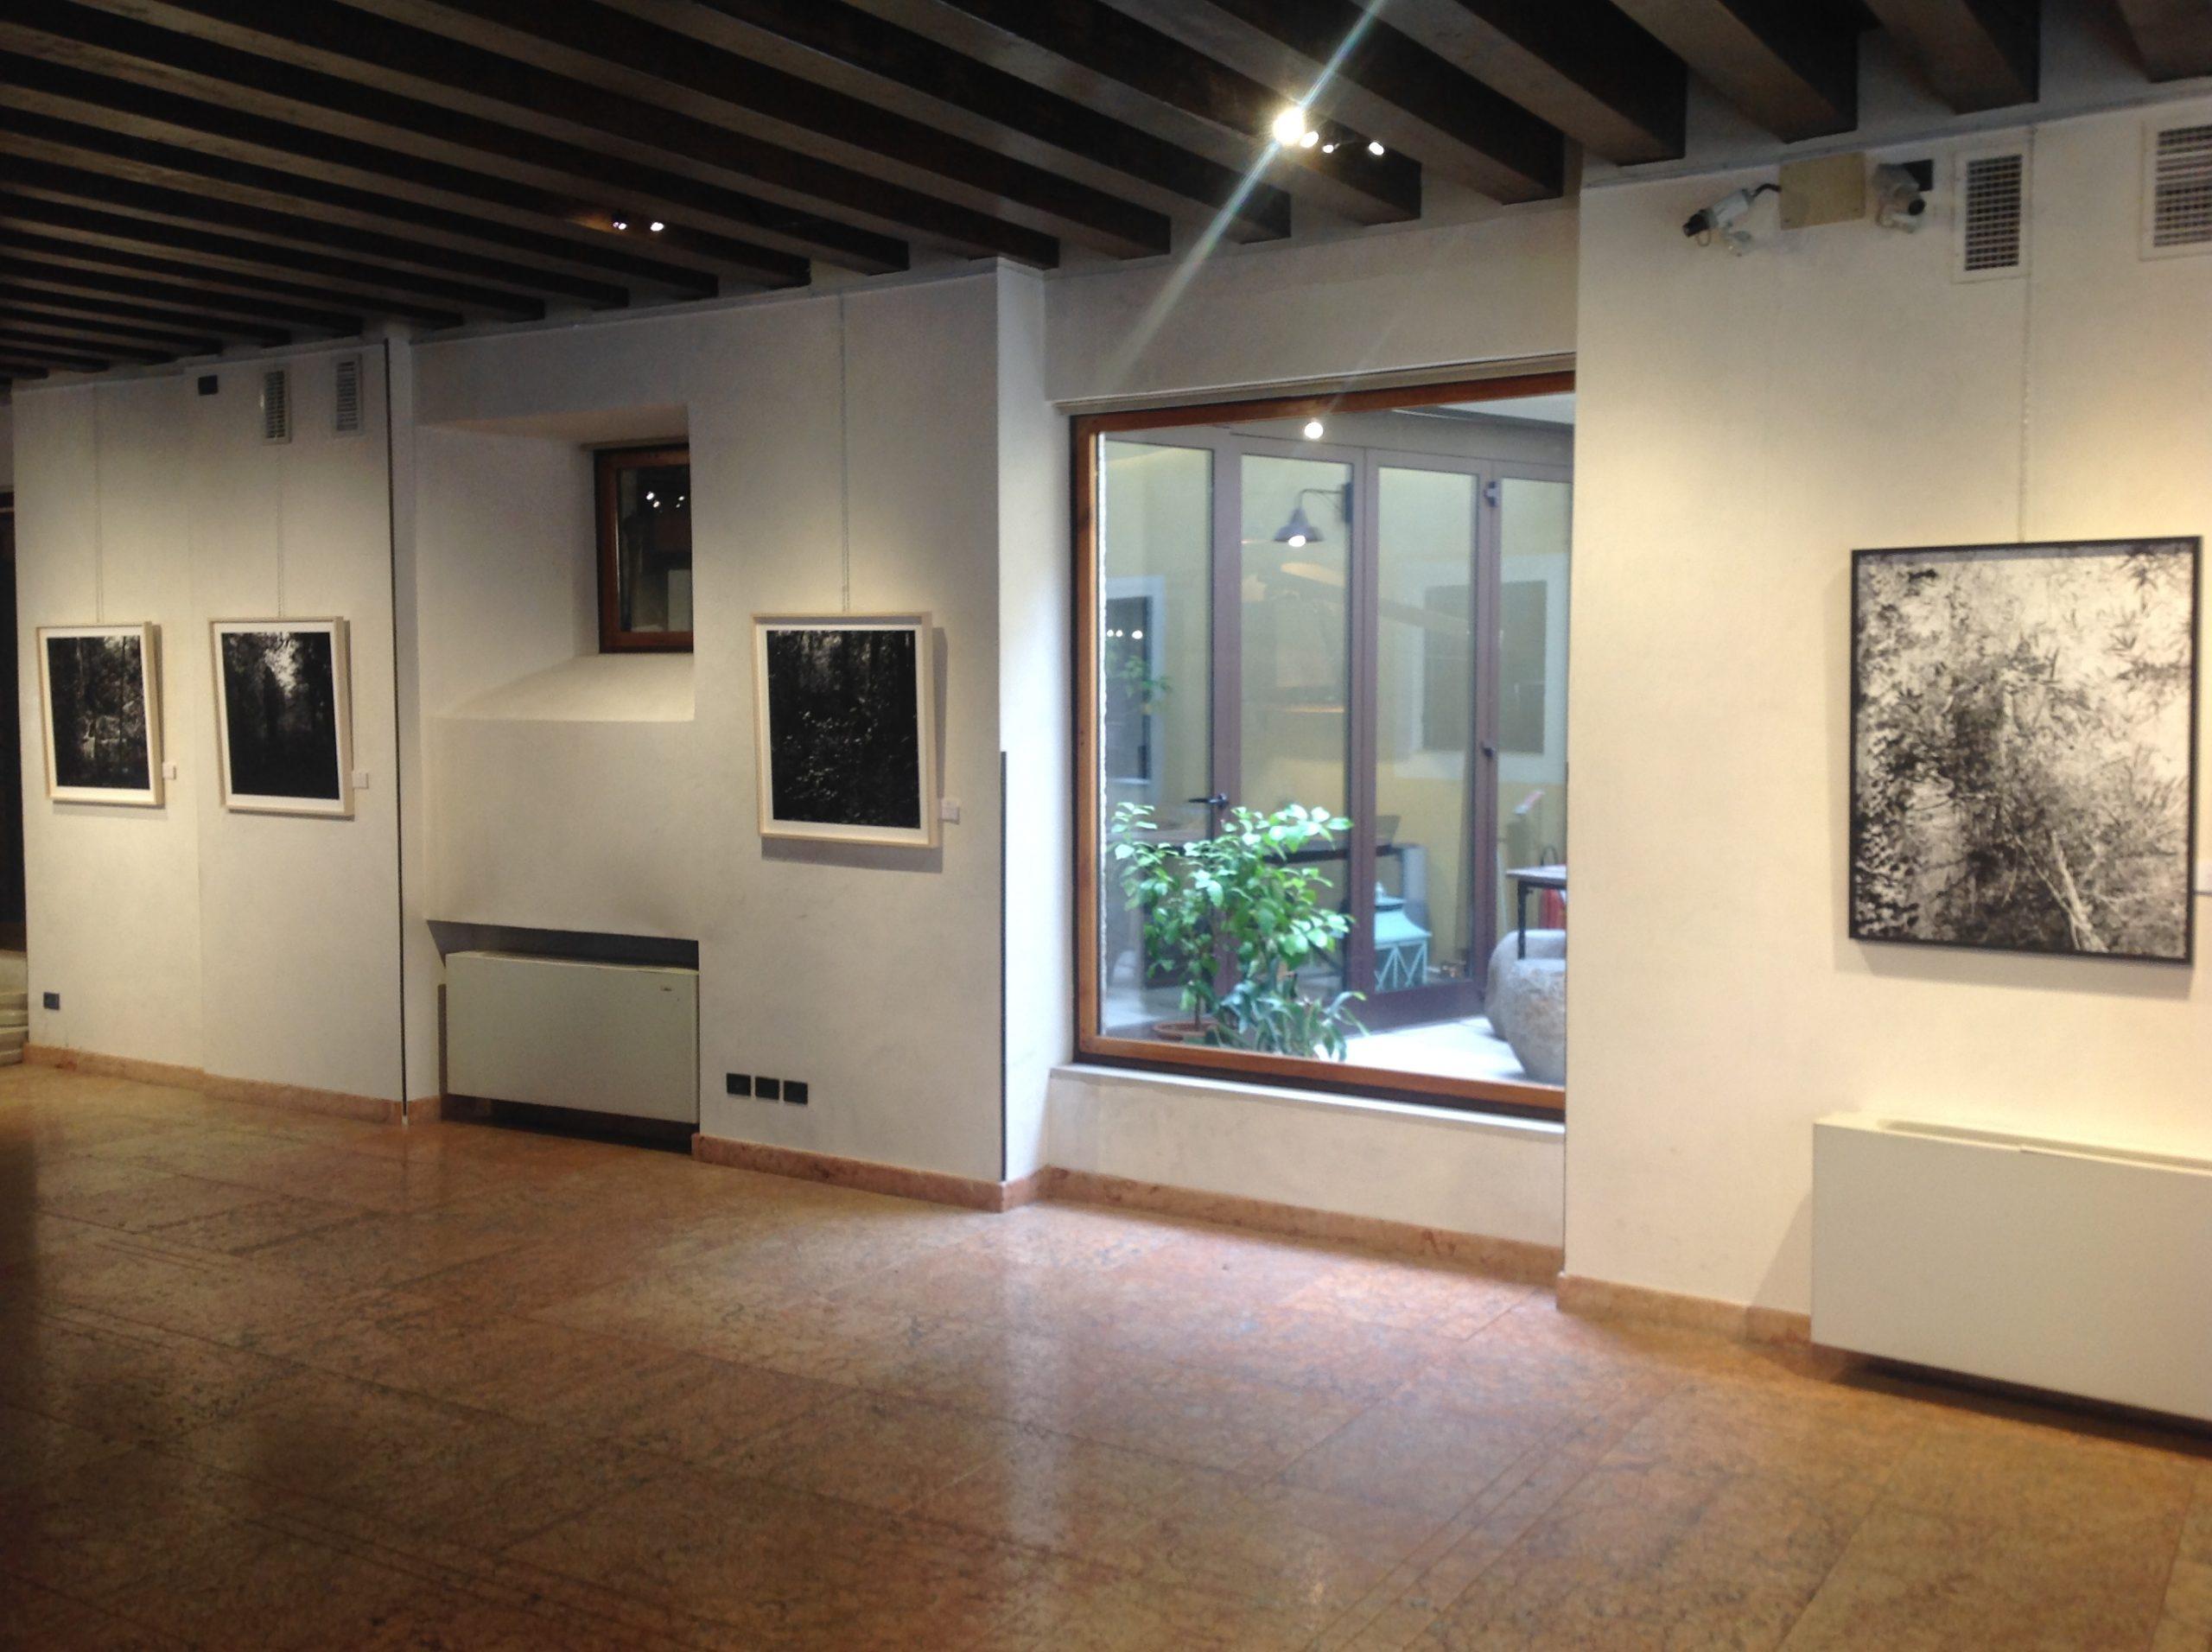 Riccardo Squillantini, Rumori silenziosi, mostra personale, a cura di Alain Chivilò_Casa dei Carraresi_Treviso (4)